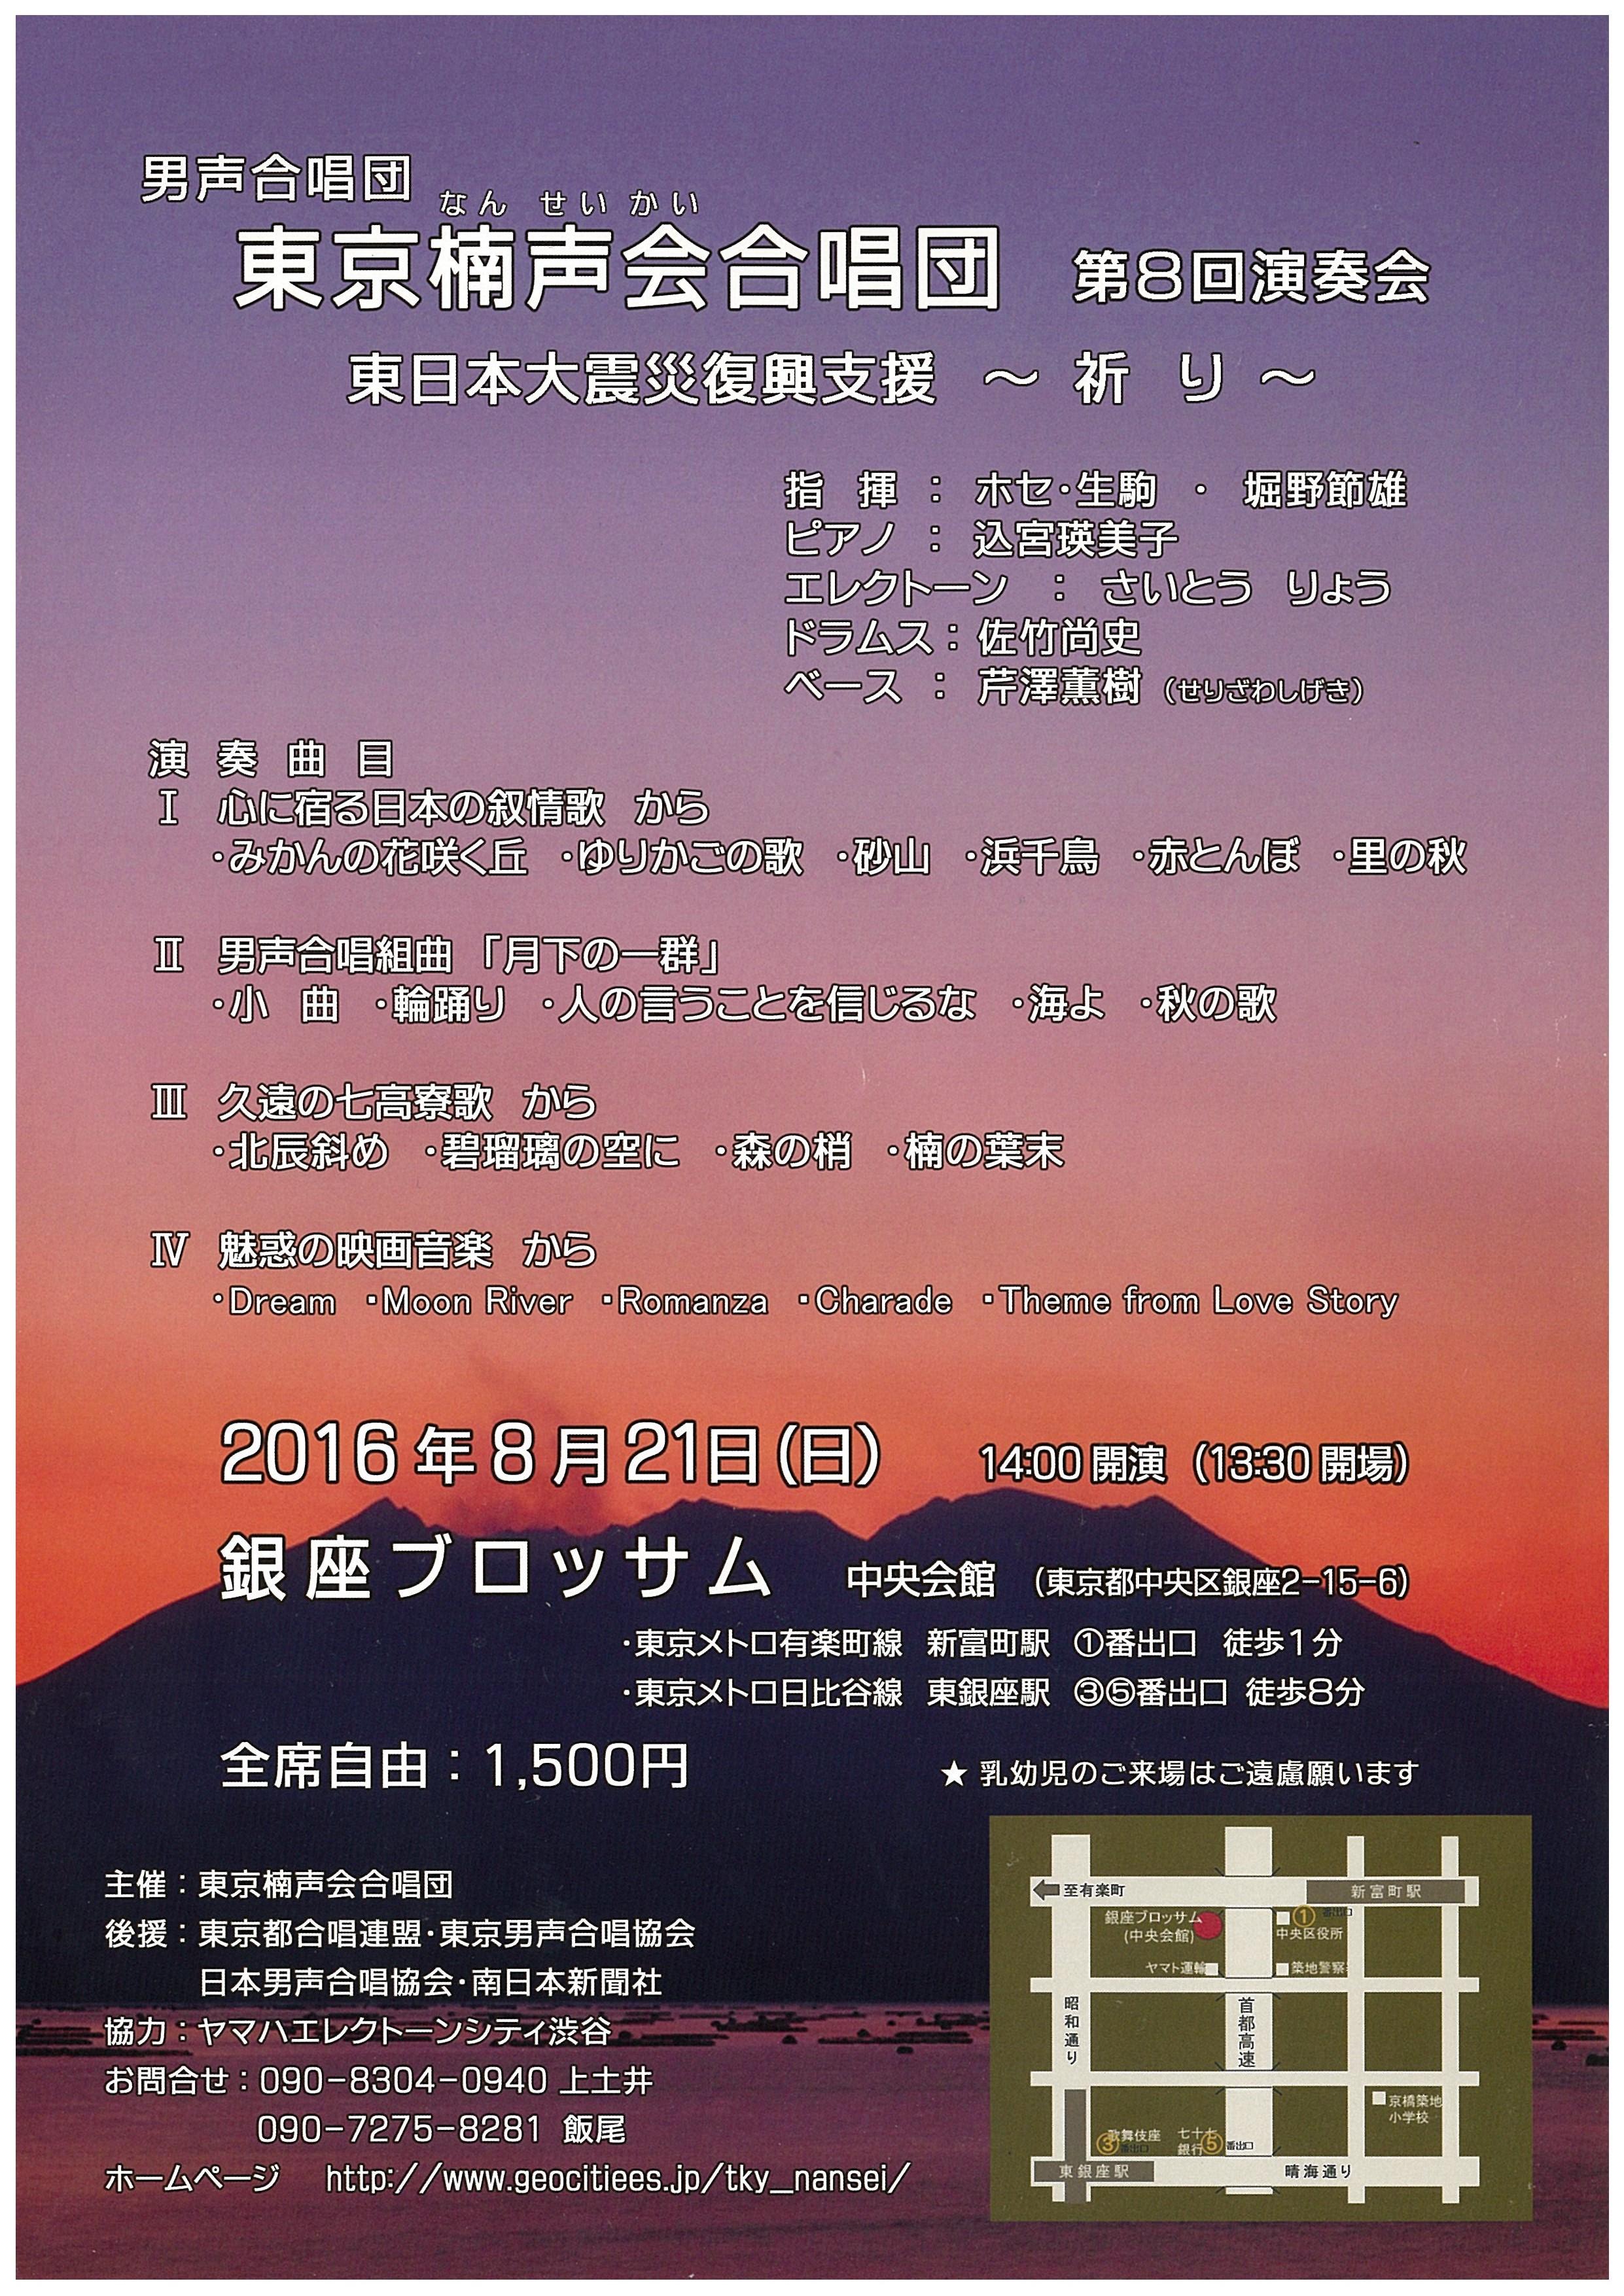 東京楠声会合唱団第8回演奏会